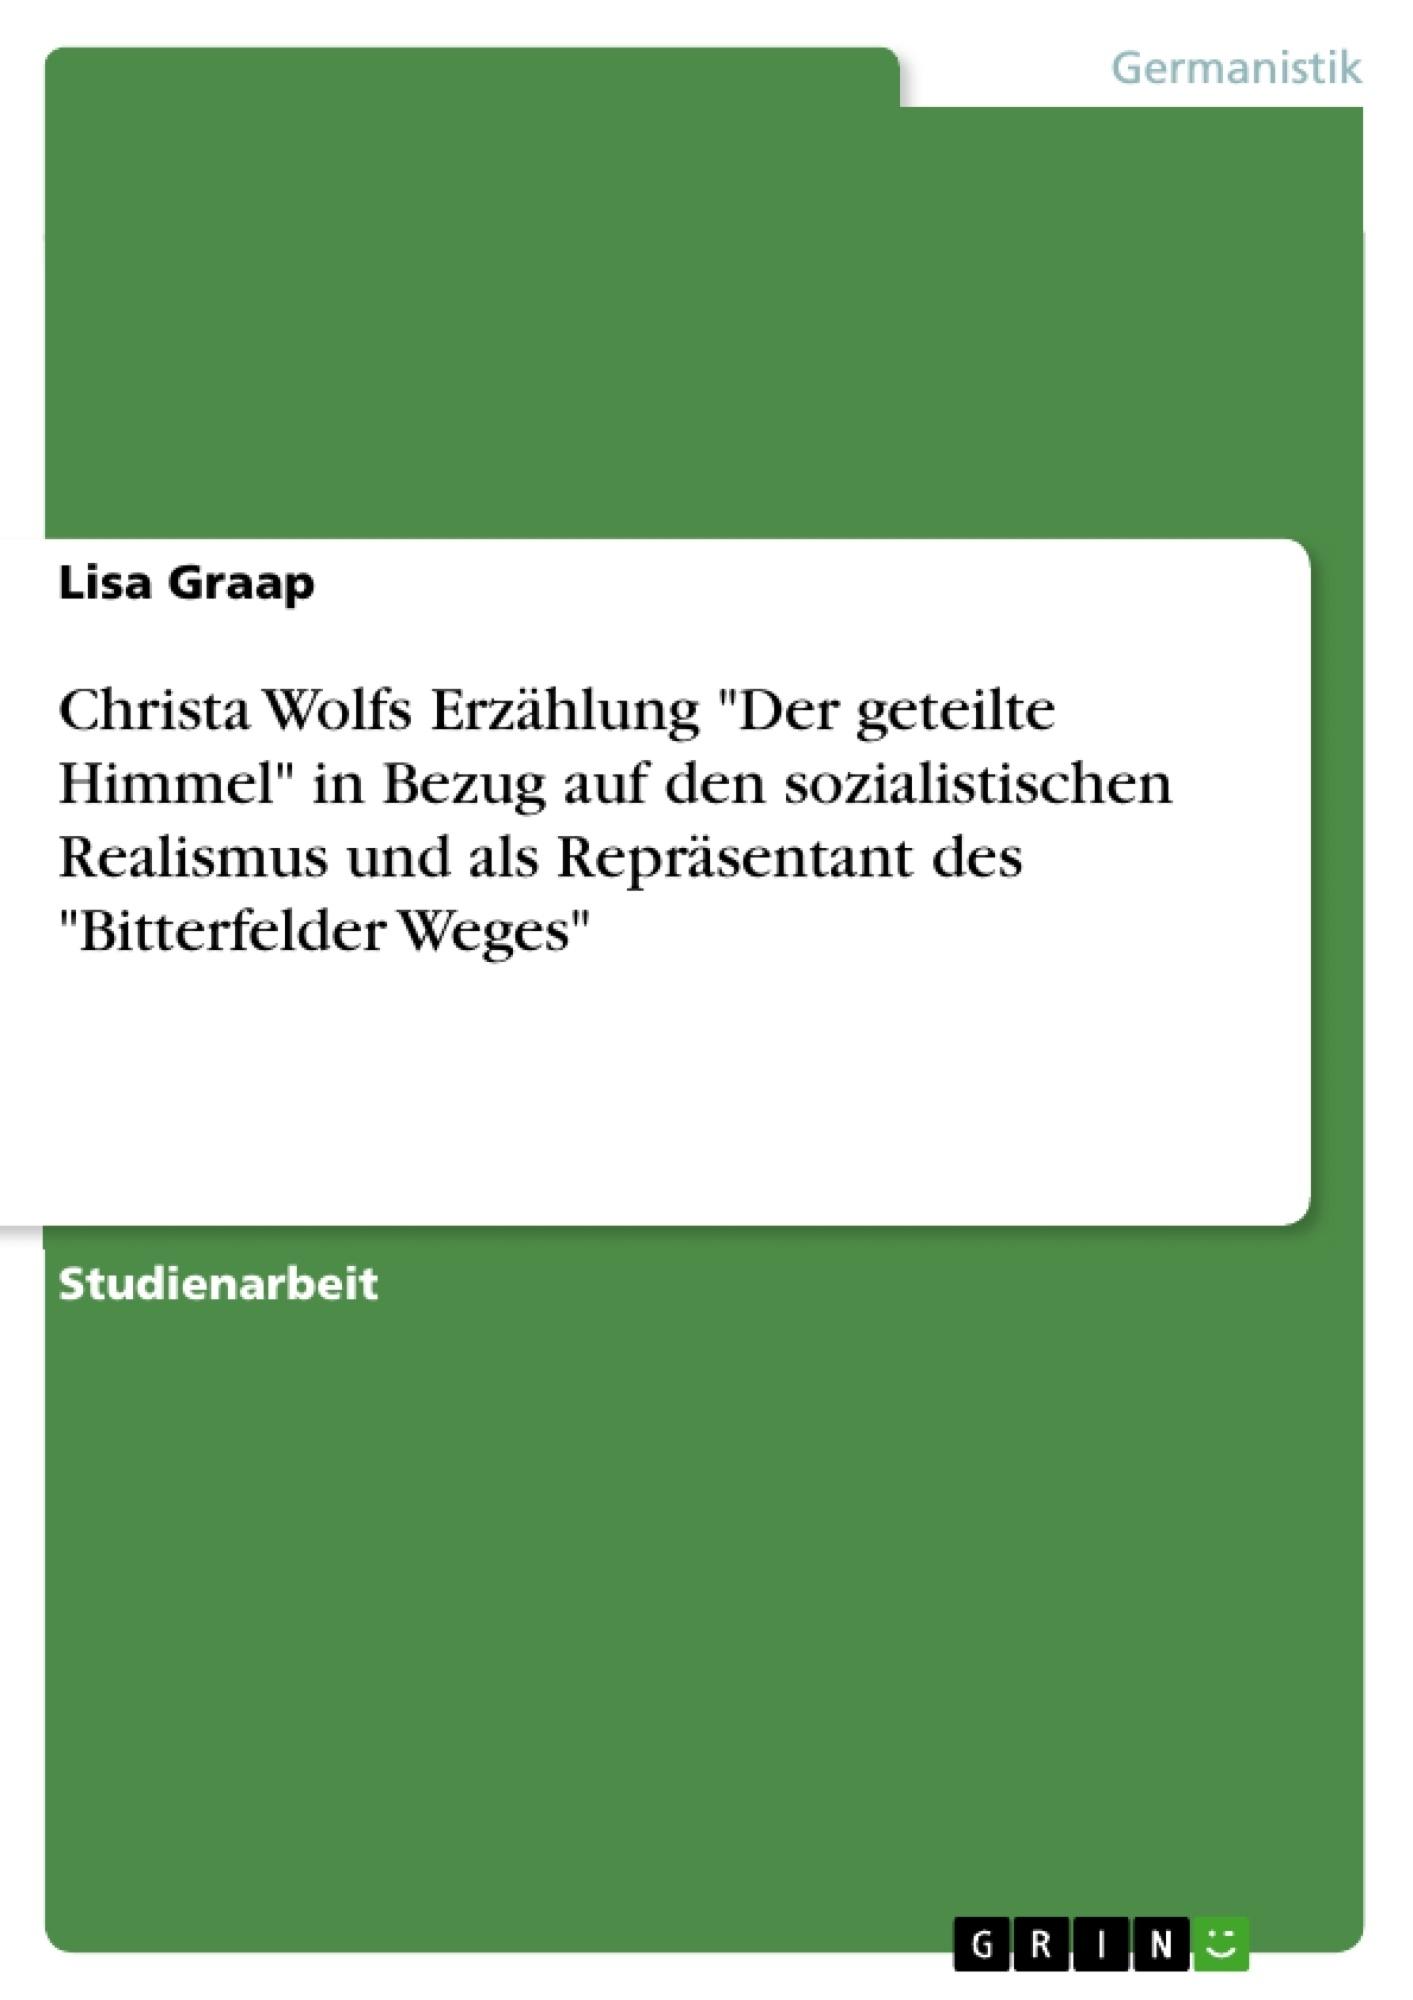 """Titel: Christa Wolfs Erzählung """"Der geteilte Himmel"""" in Bezug auf den sozialistischen Realismus und als Repräsentant des """"Bitterfelder Weges"""""""